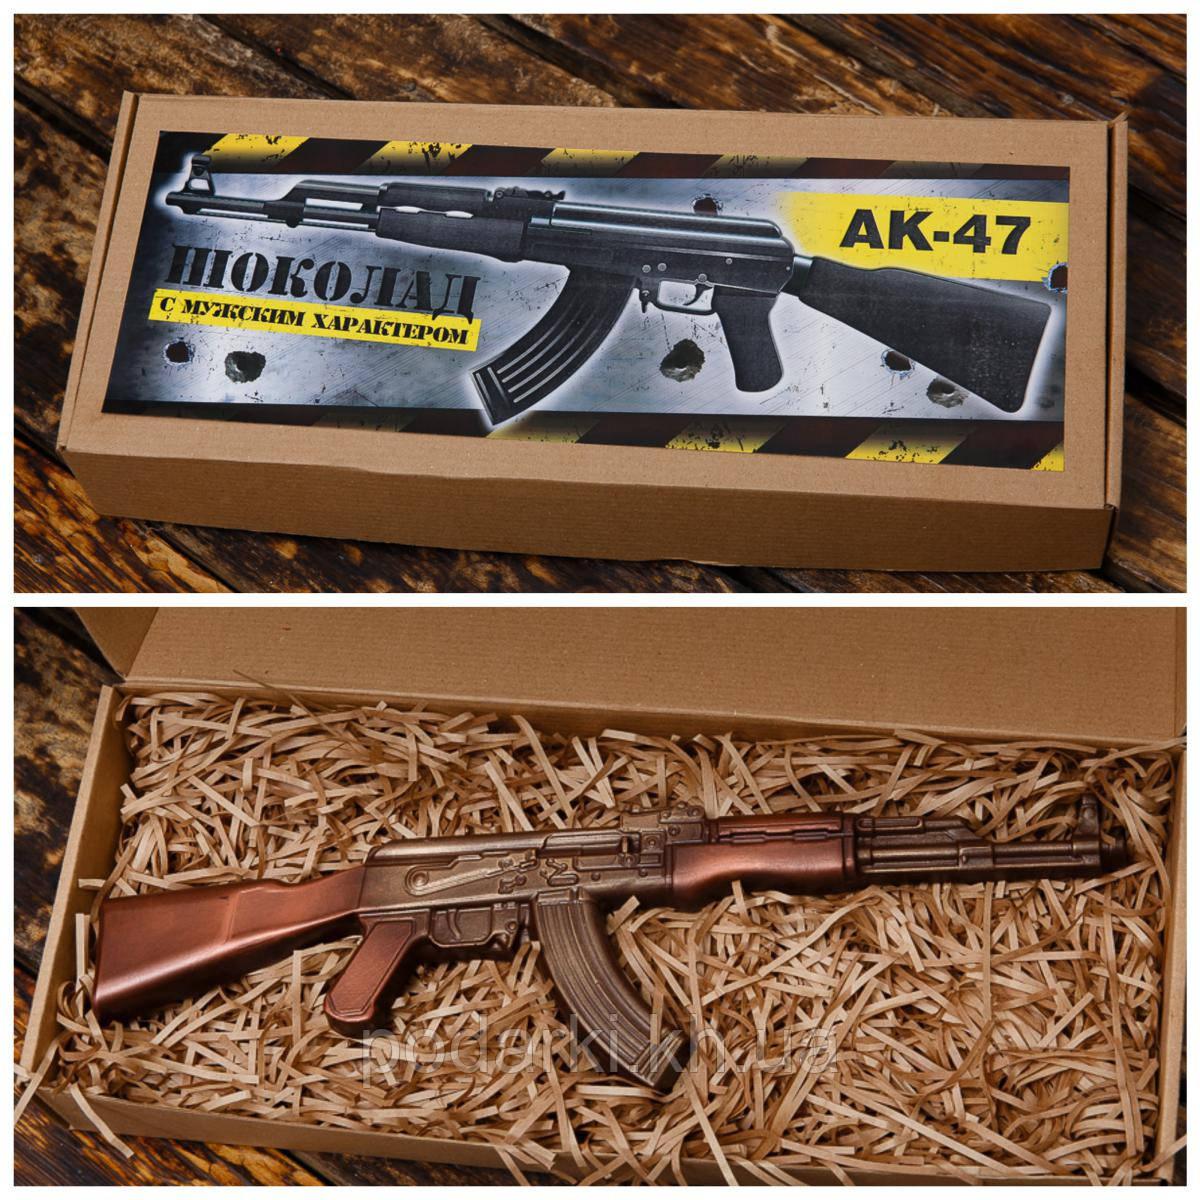 Шоколадный автомат АК-47